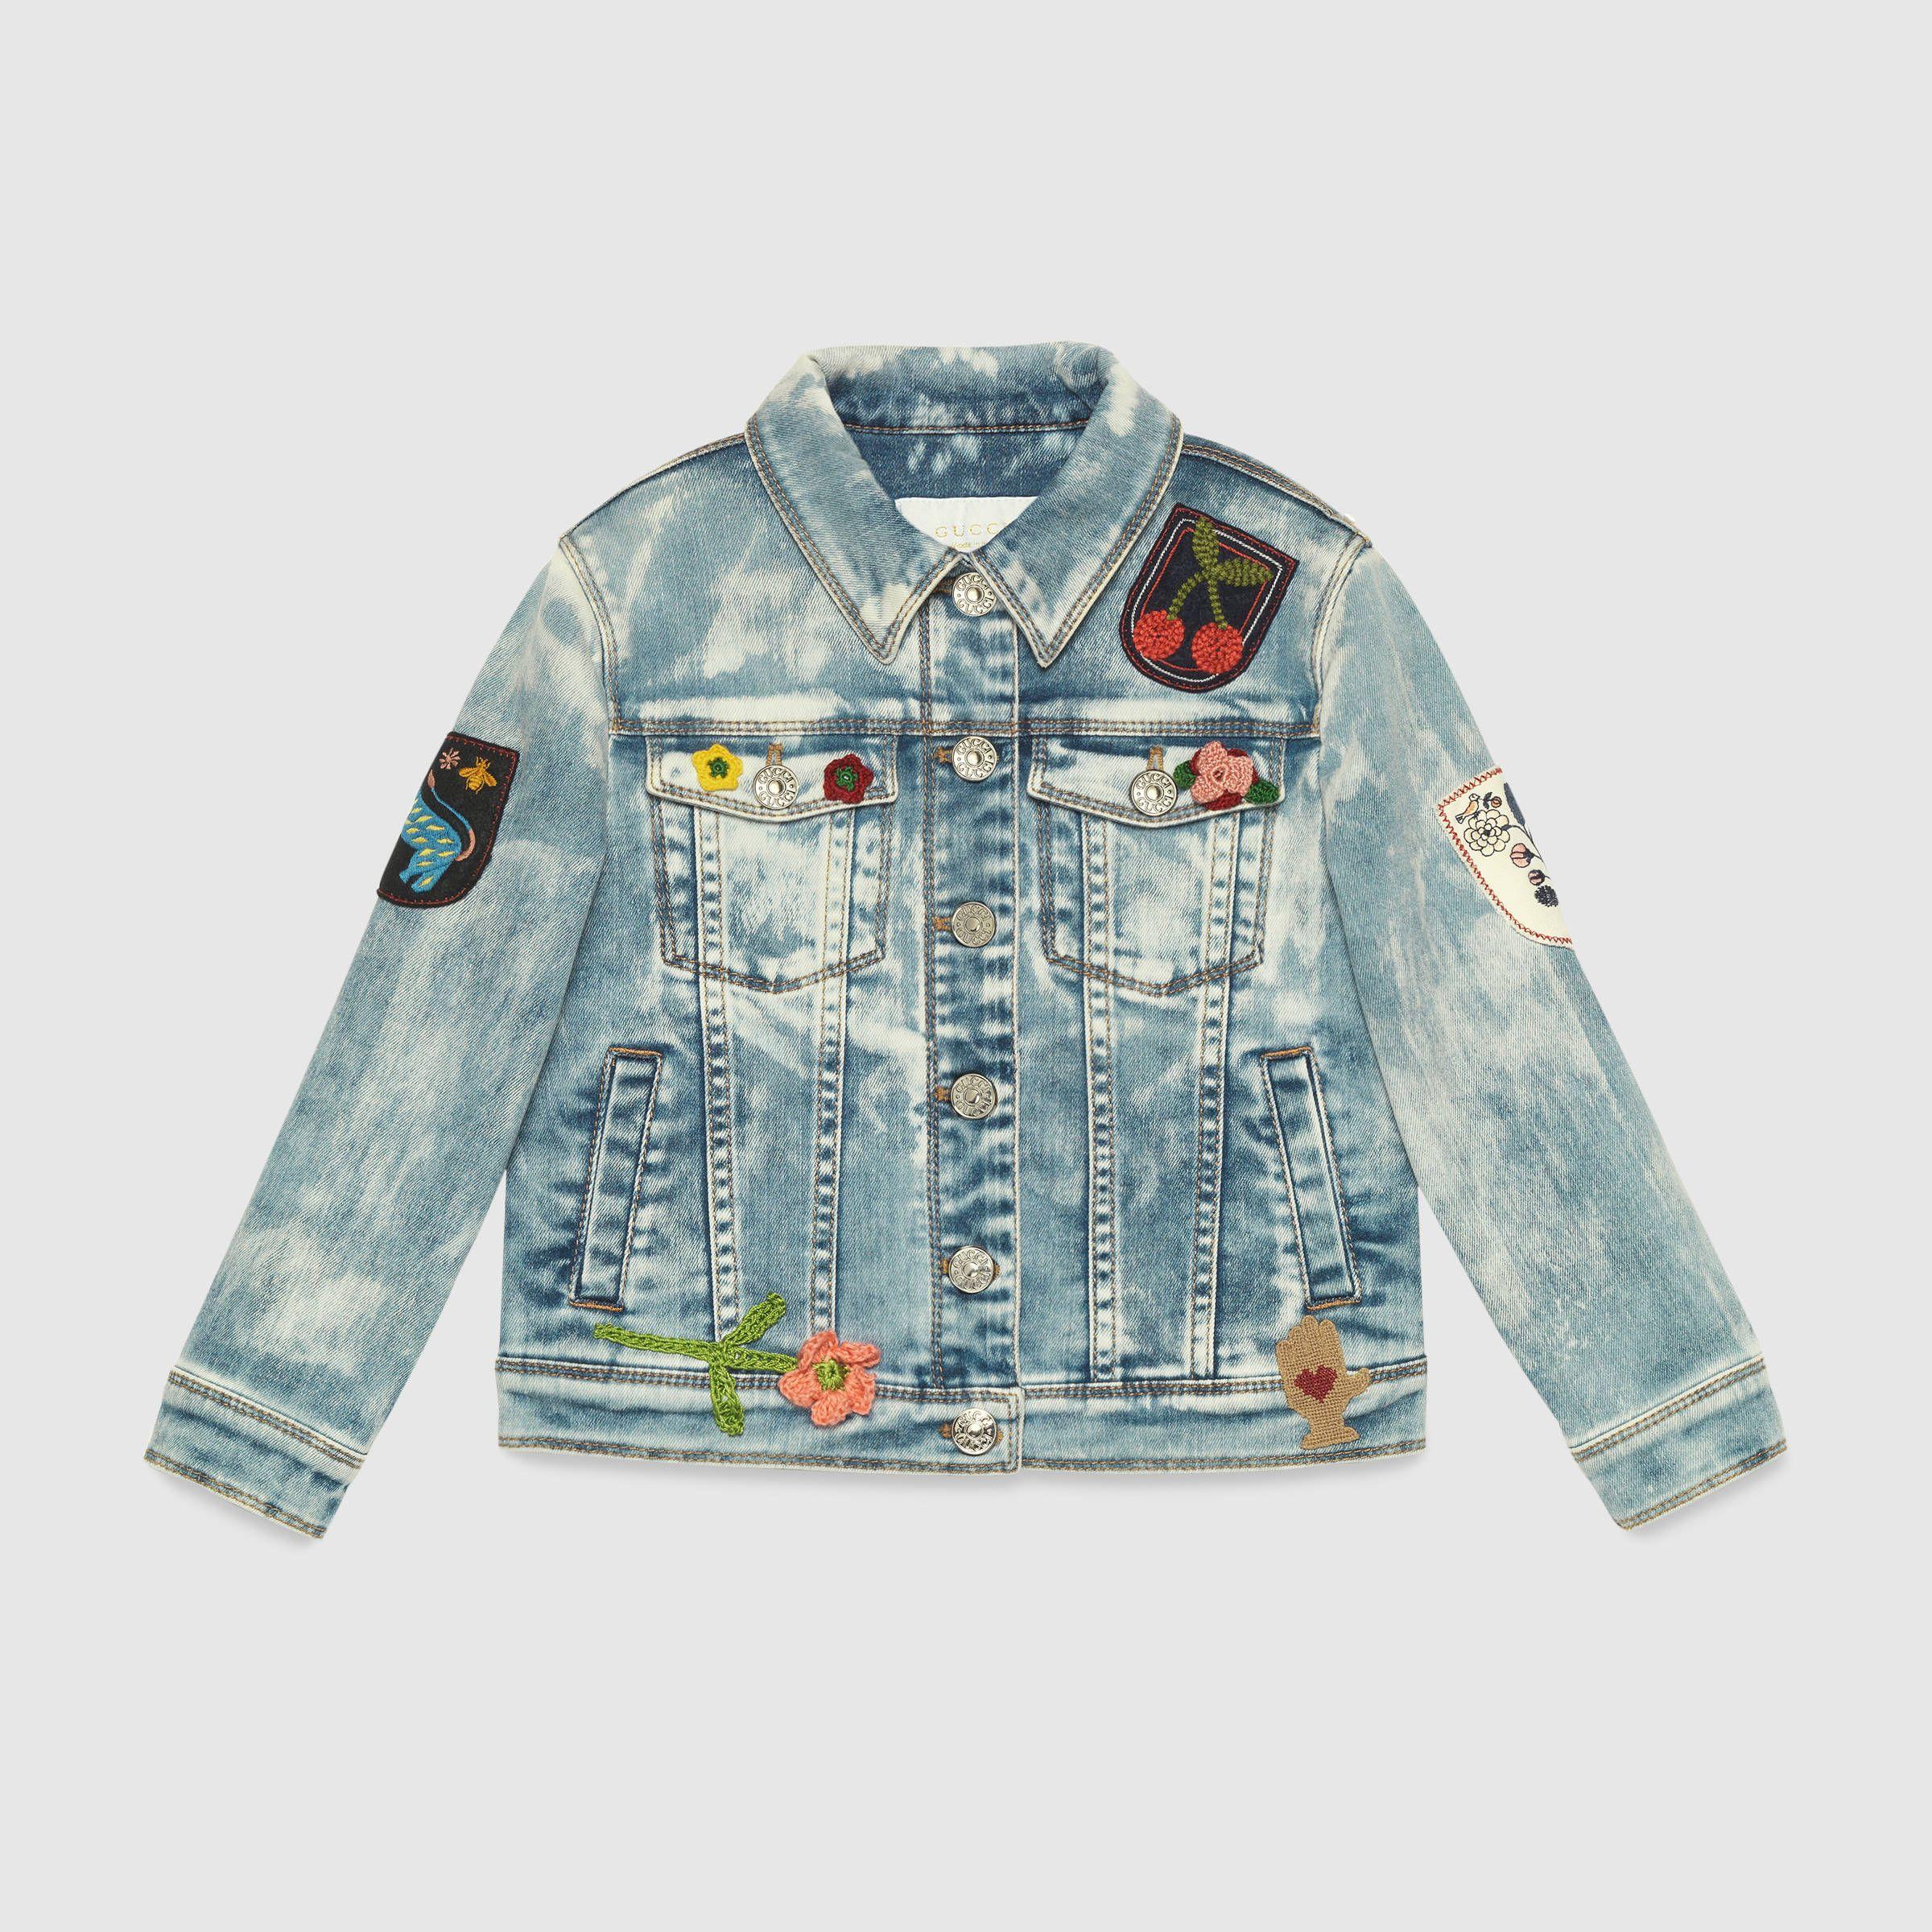 8cdfc06a6 Gucci Children - Children s denim jacket with patches